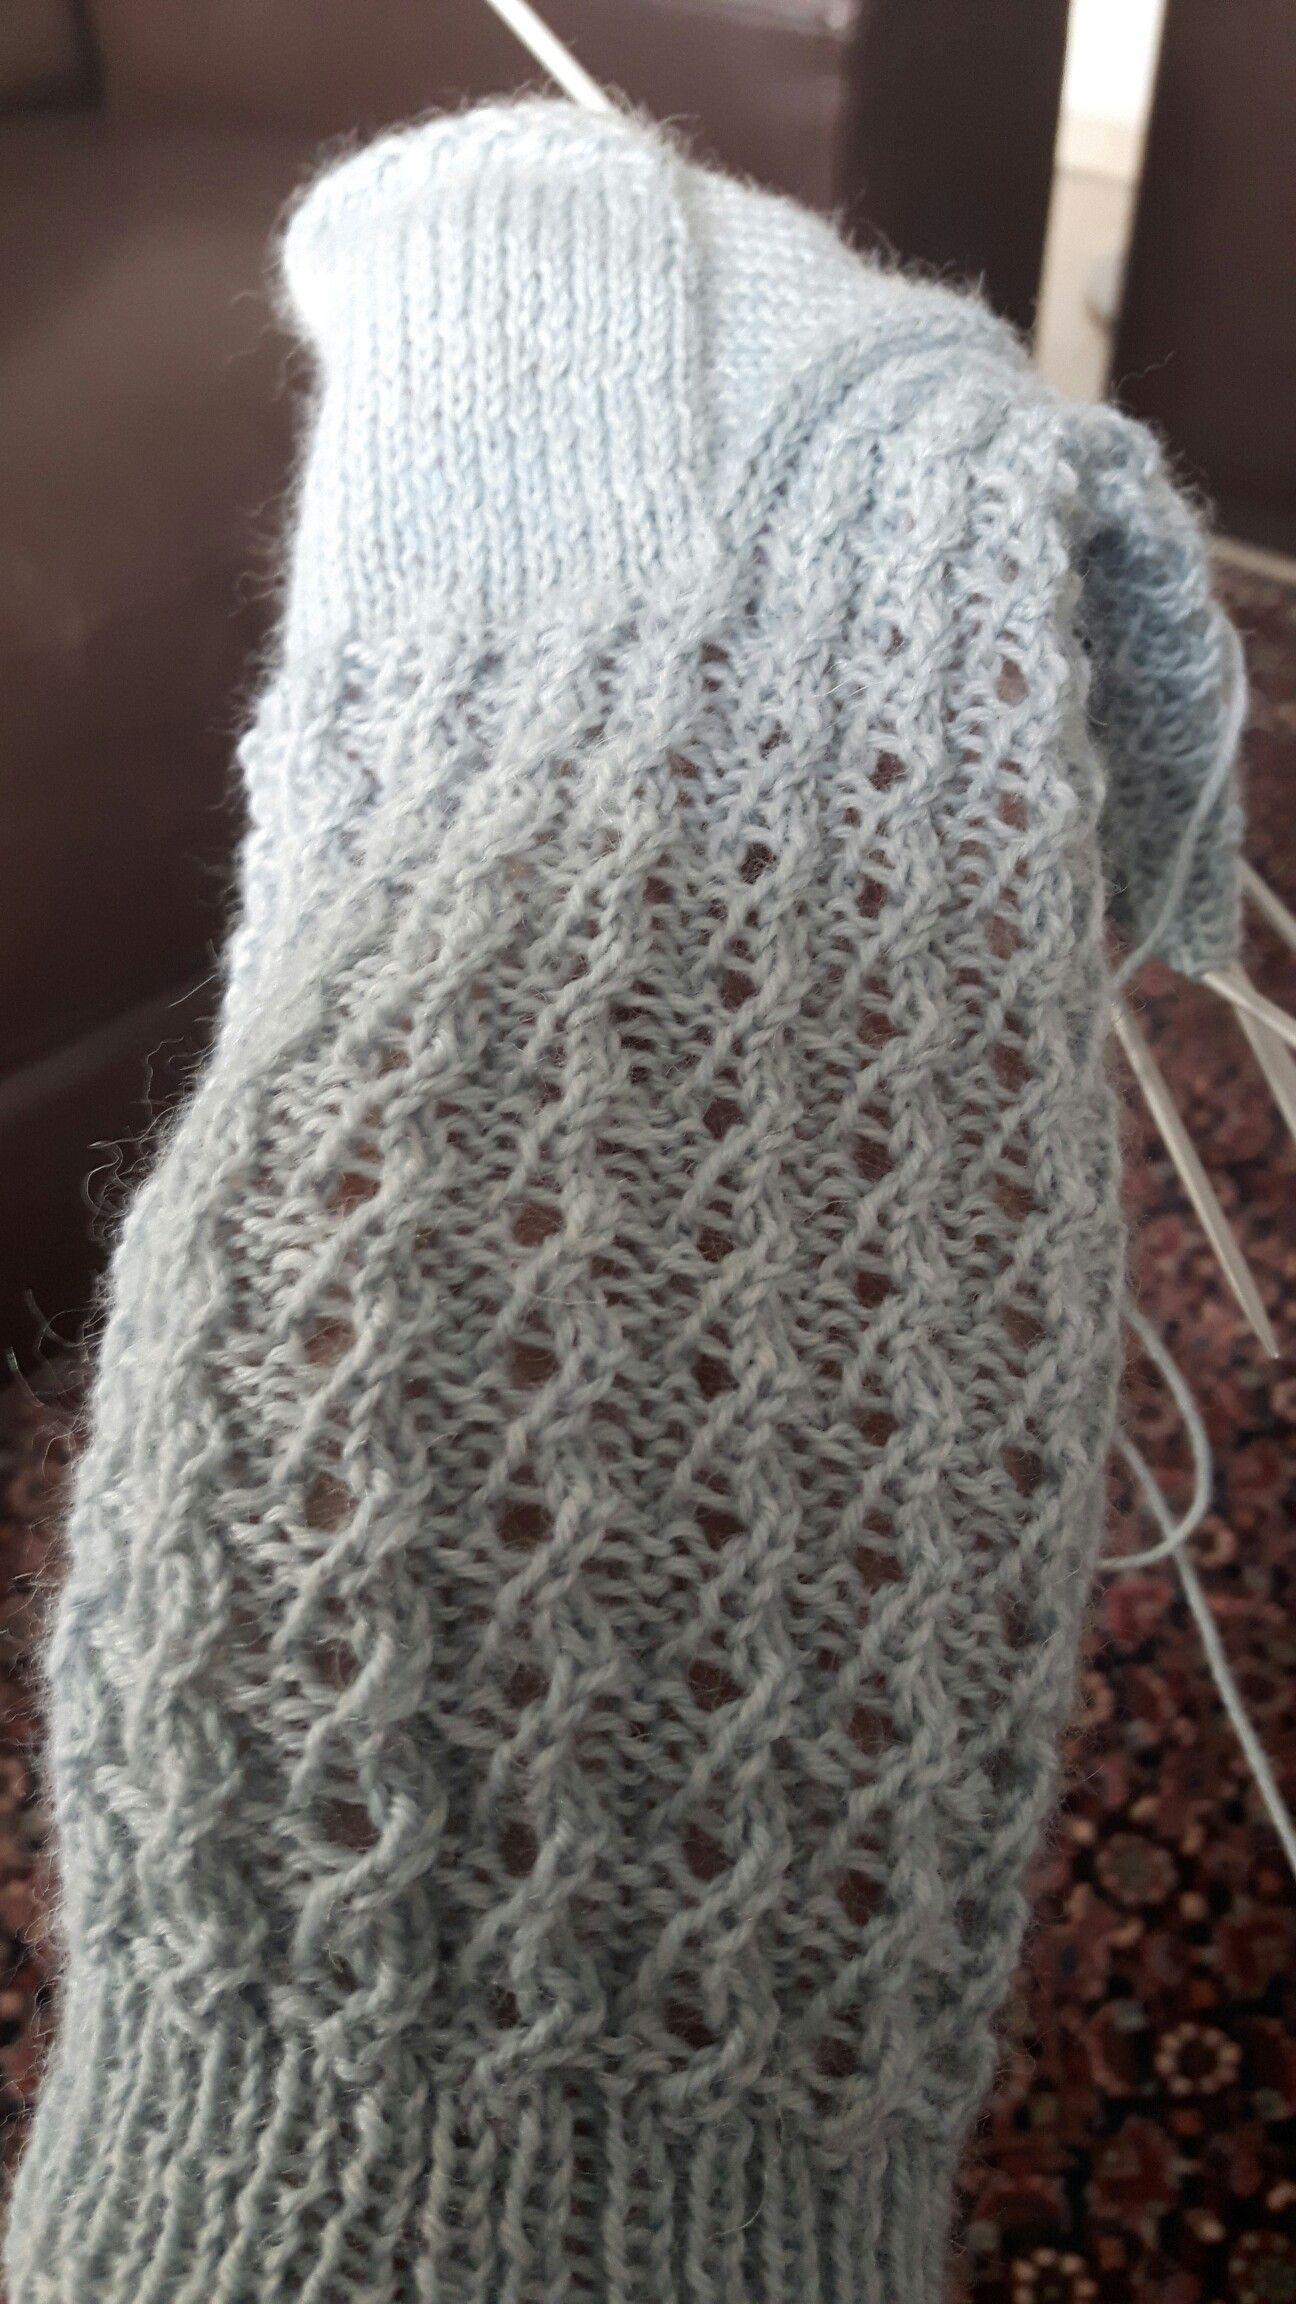 Ein Ganz Einfaches Muster 1 2re 2li 2 2re Zusammen 2 Links 3 1re 1 Umschla In 2020 Lace Knitting Knitting Inspiration Sock Knitting Patterns